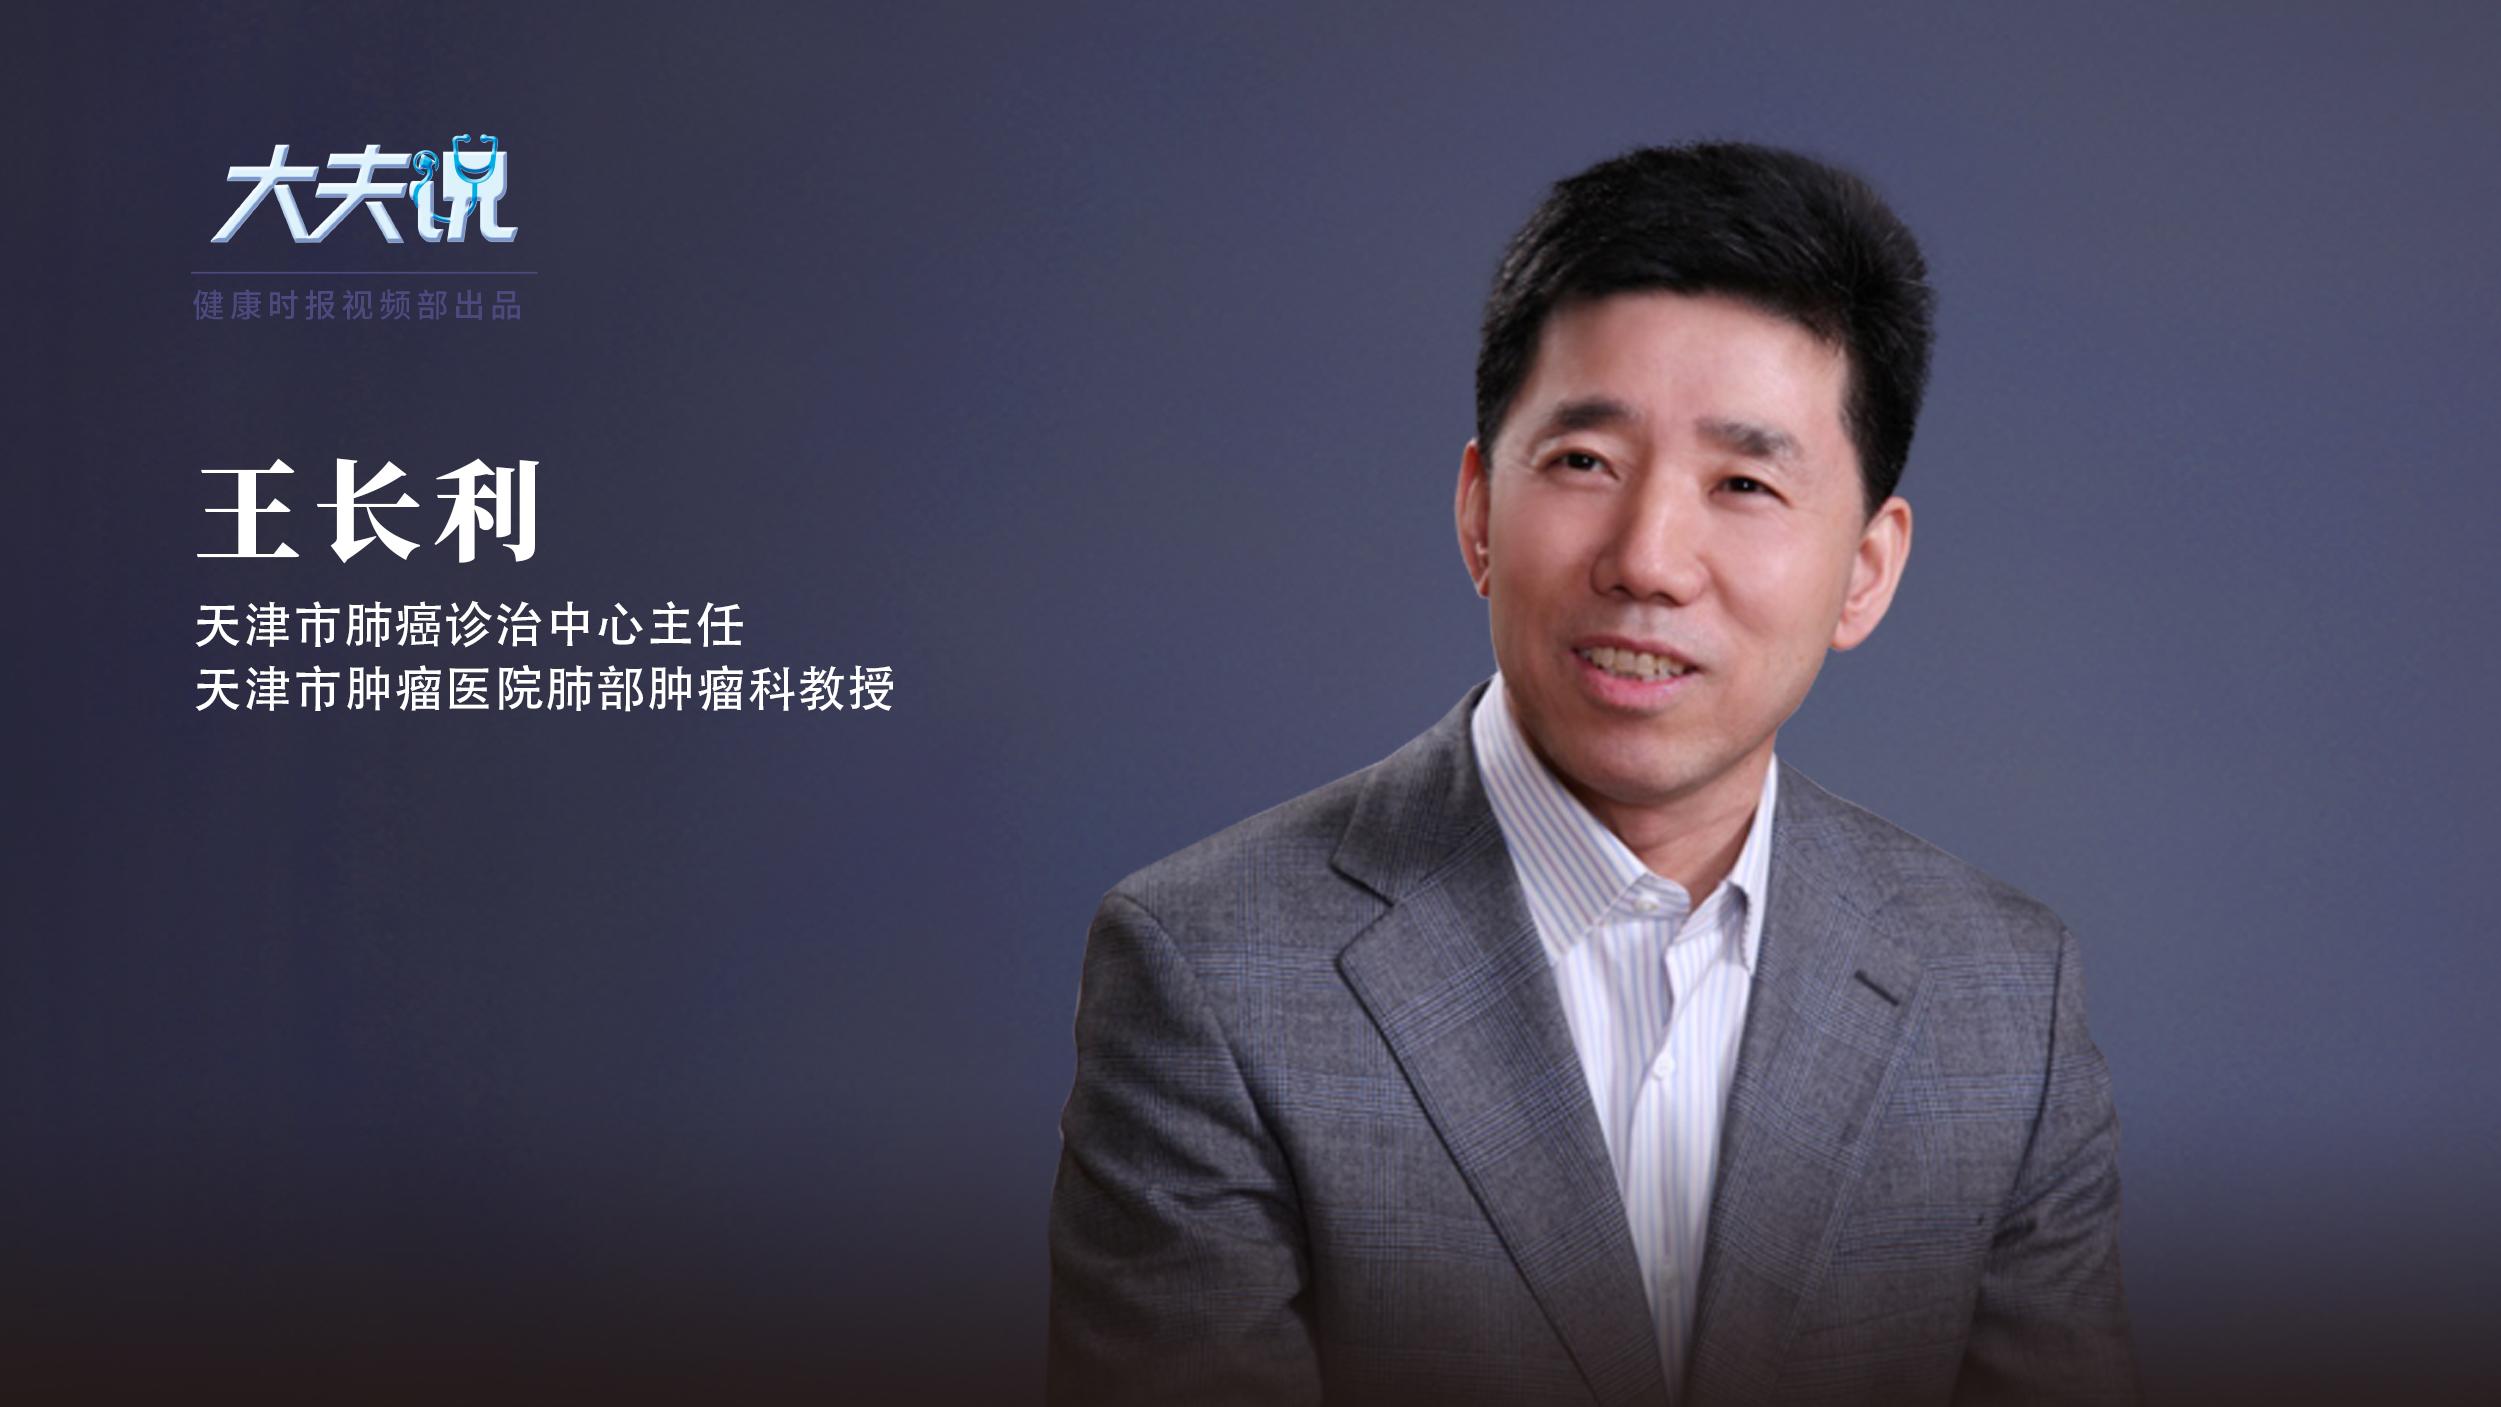 第266期︰早期肺癌相(xiang)差(cha)1厘米 治療效果或不同